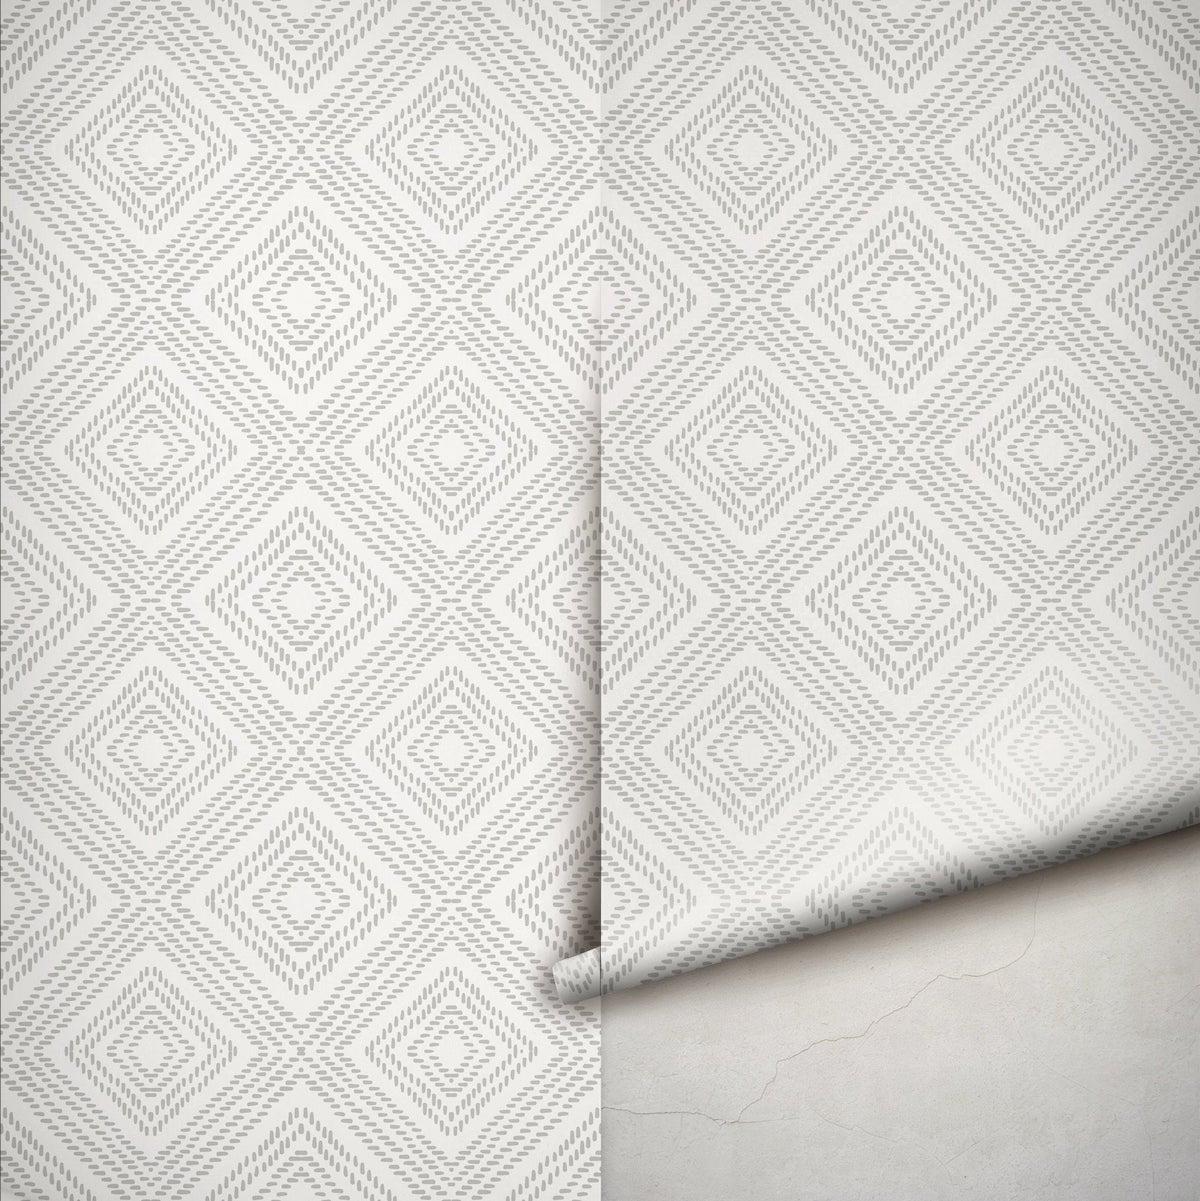 papier adhésif géométrique gris clair idée déco pratique facile à faire